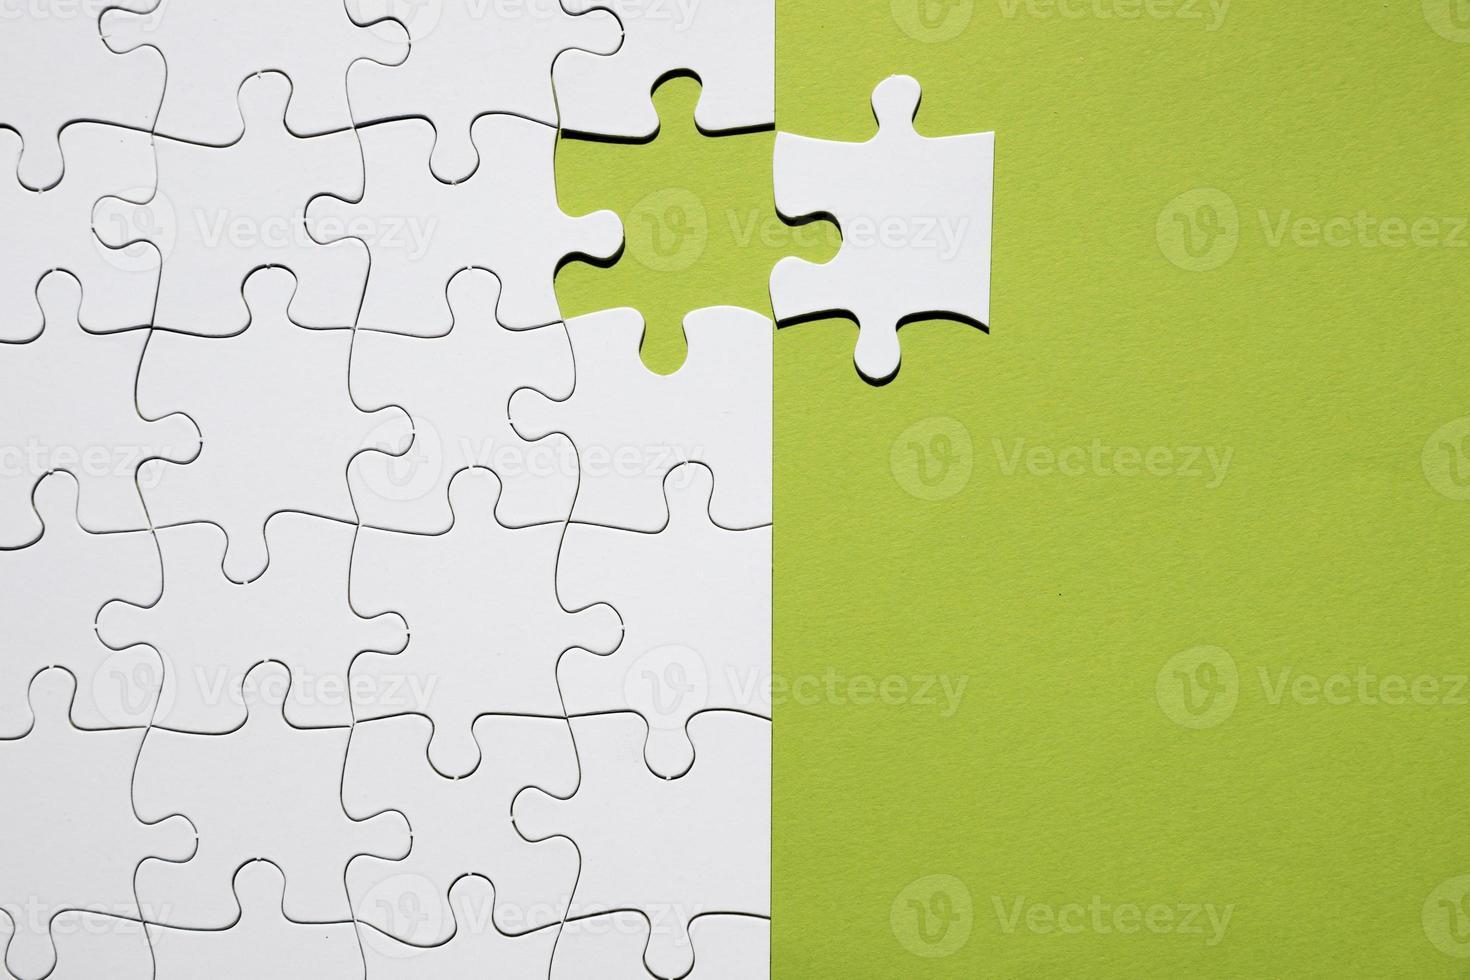 peça de quebra-cabeça branca separada com grade de quebra-cabeça branca em fundo verde foto